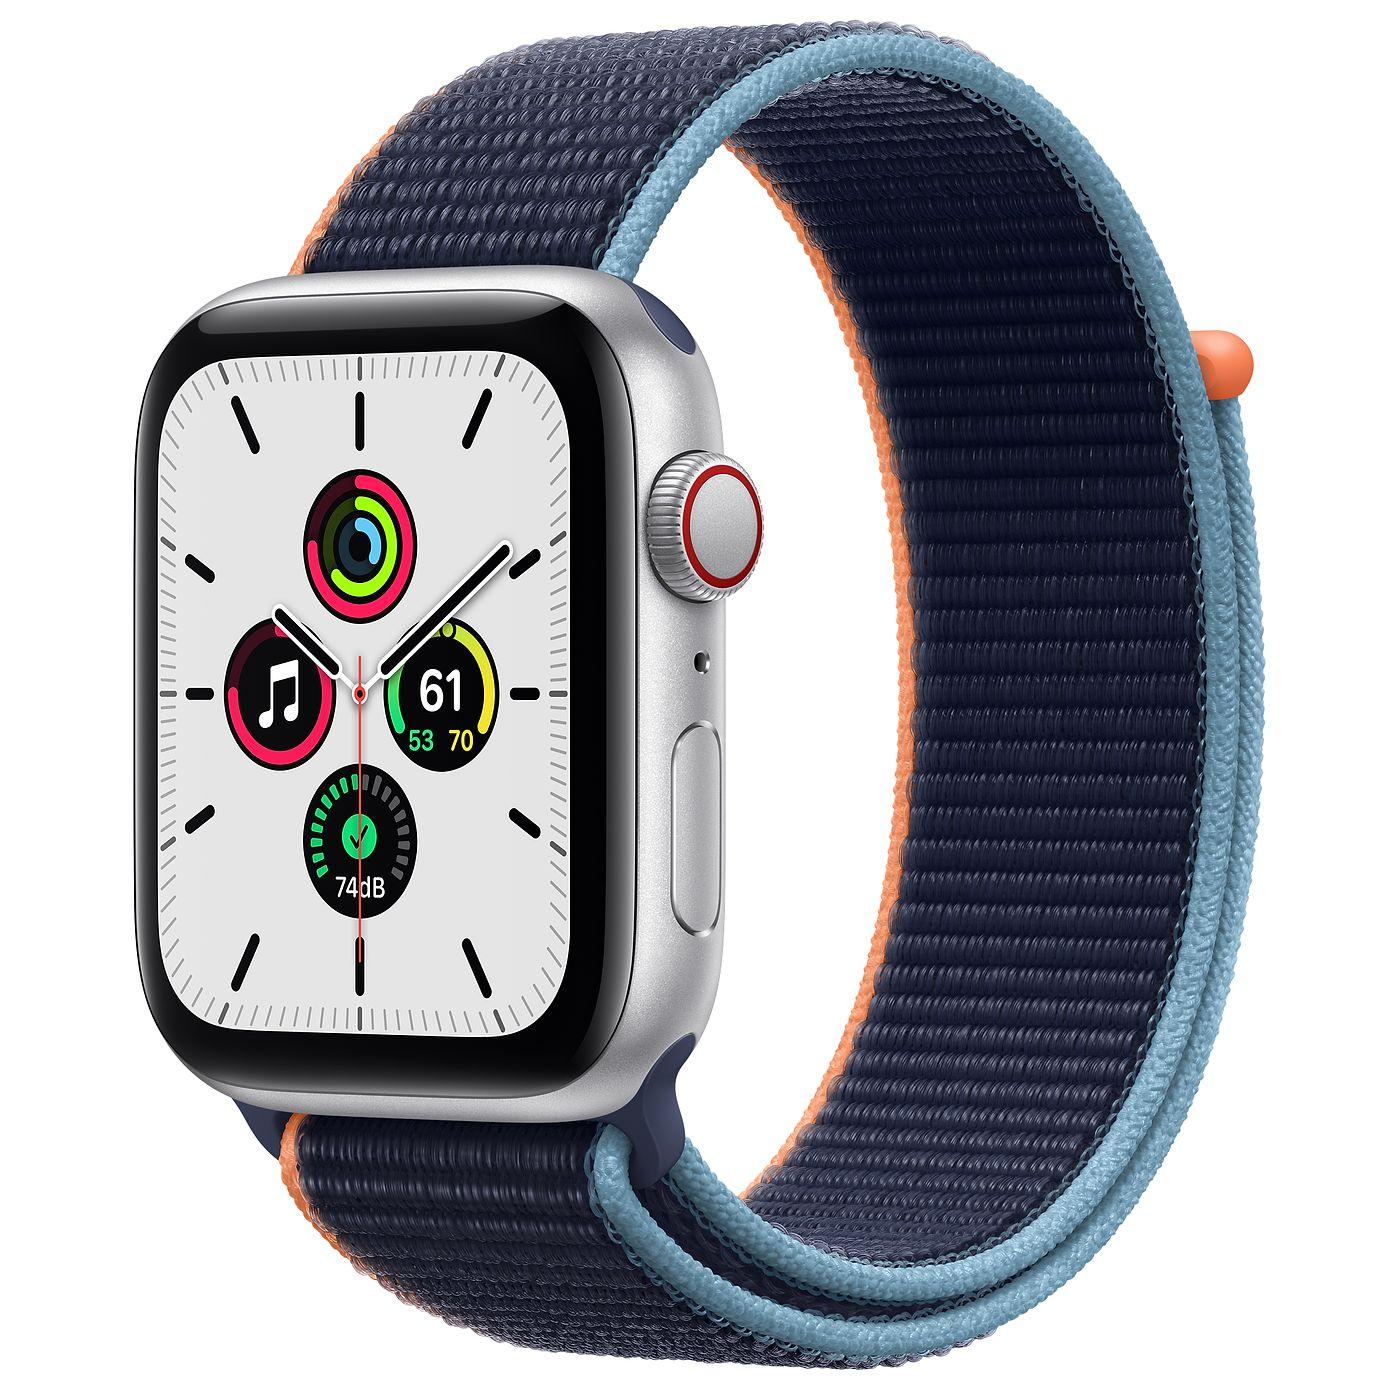 Apple 2020년 애플워치 SE, GPS+Cellular, 실버 알루미늄 케이스, 딥네이비 스포츠 루프